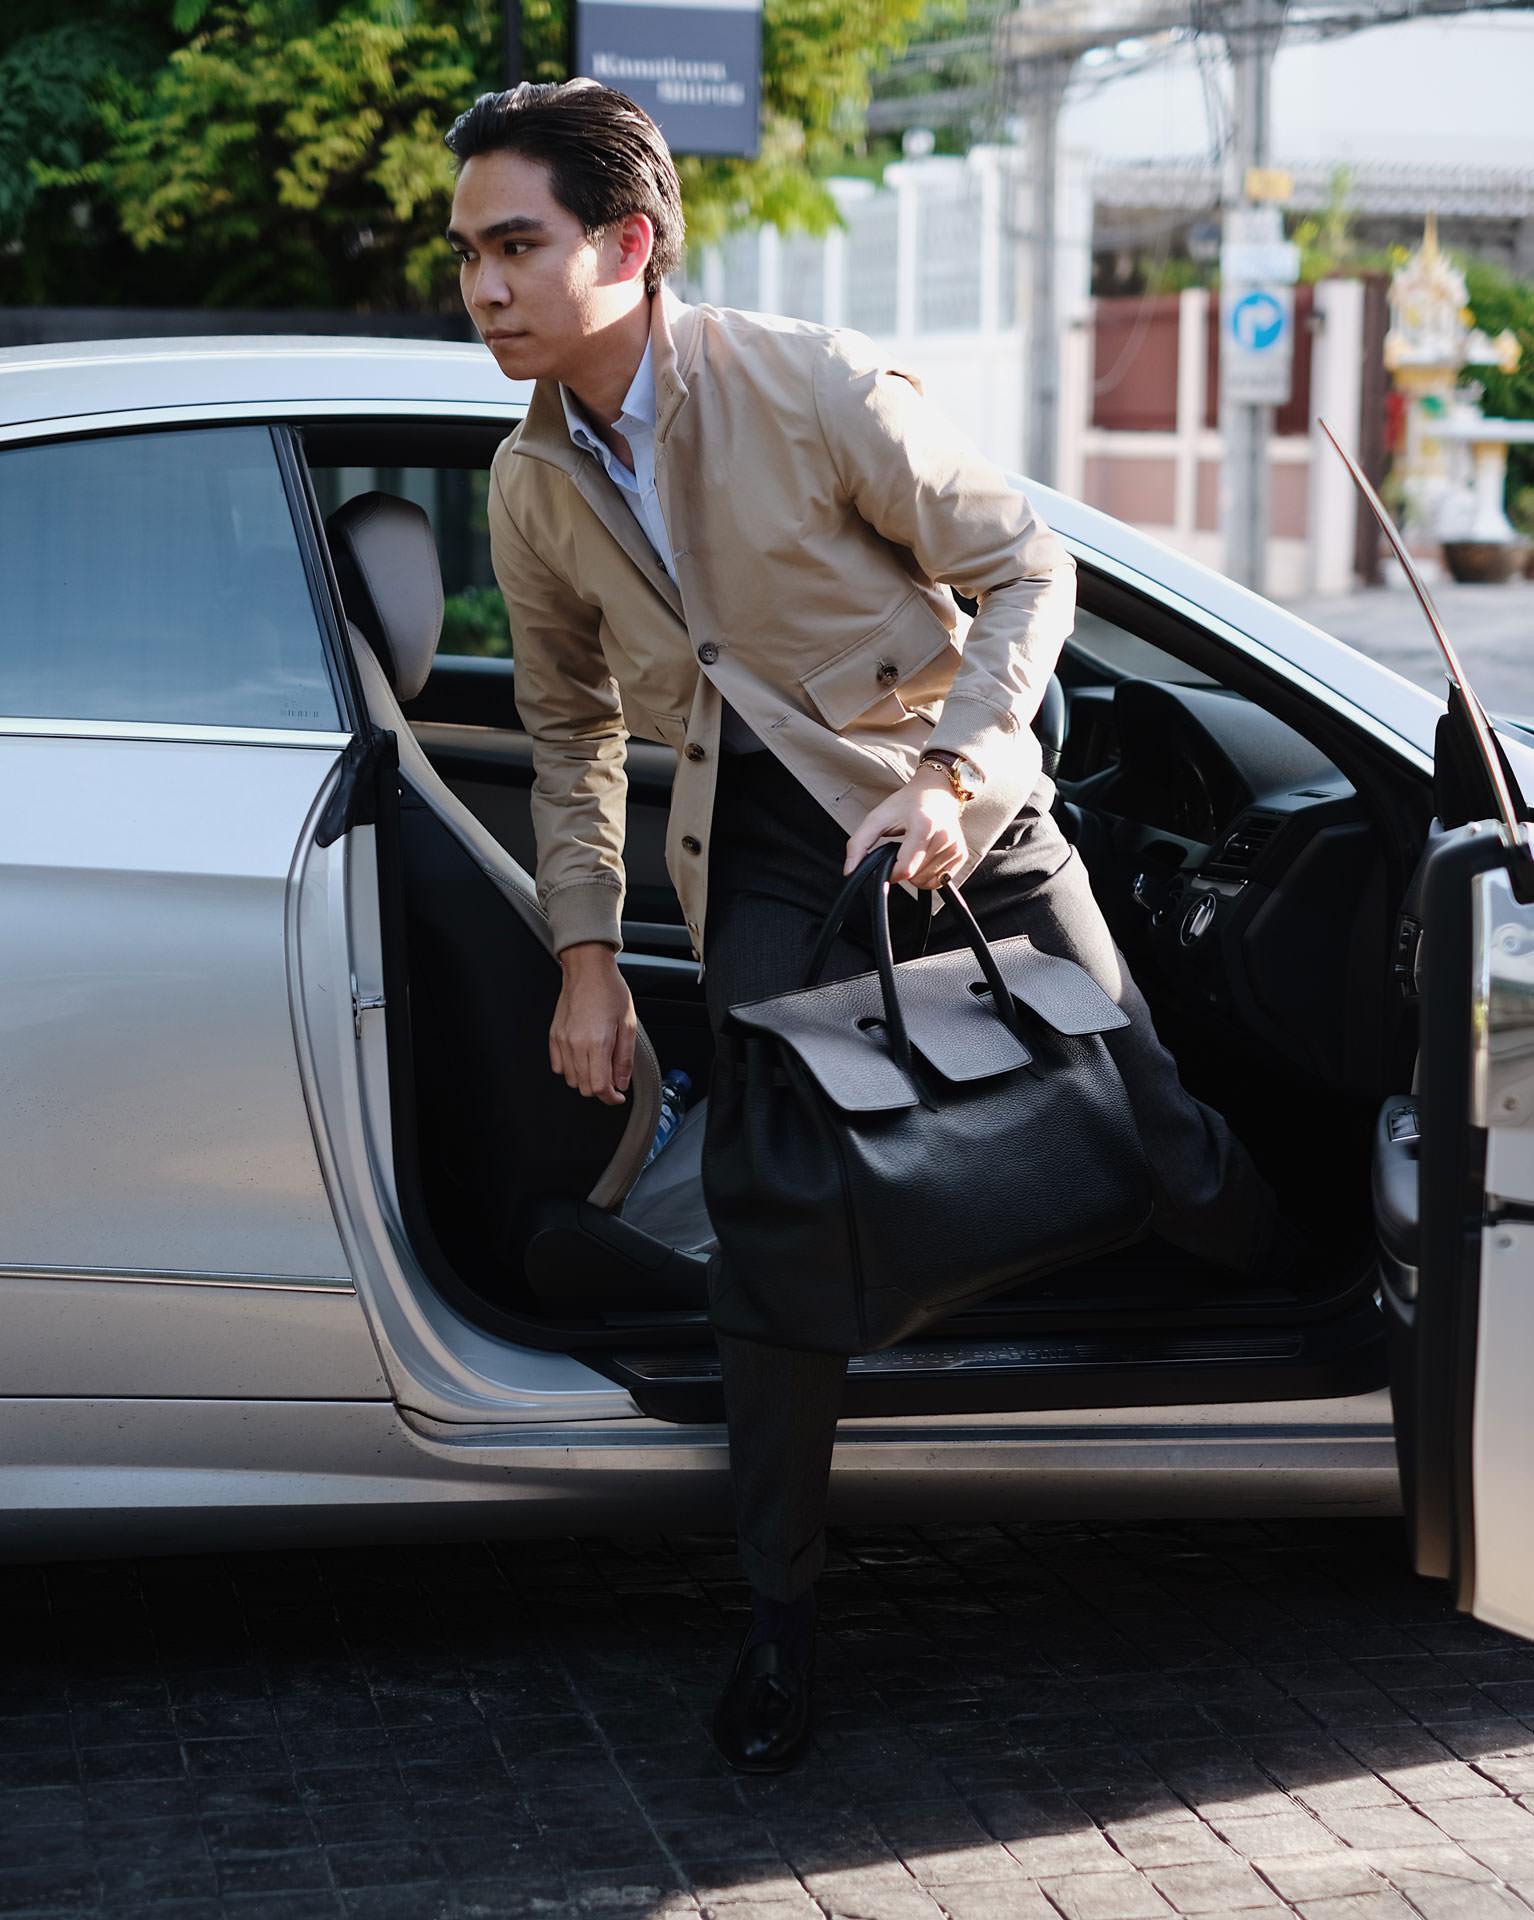 กระเป๋าหนังสีดำ จาก Acate